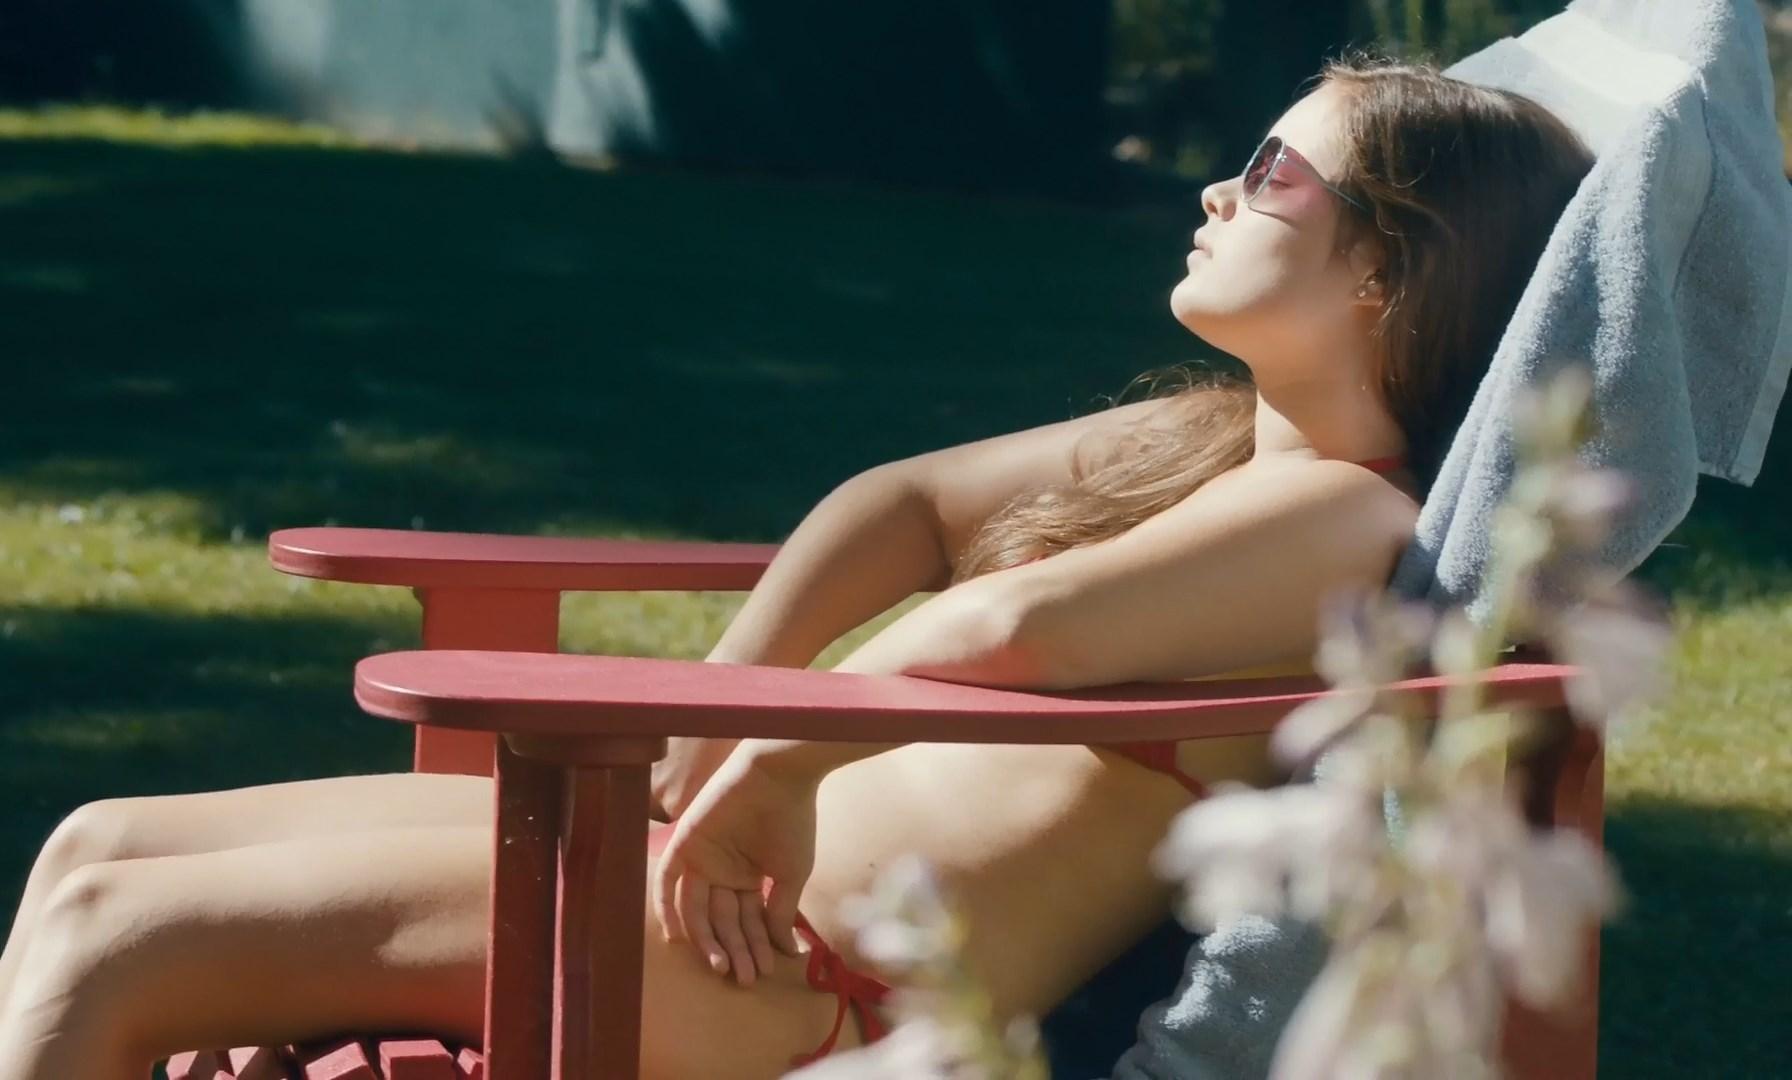 Selfie Tits Marianne Fortier  nudes (33 foto), Twitter, butt